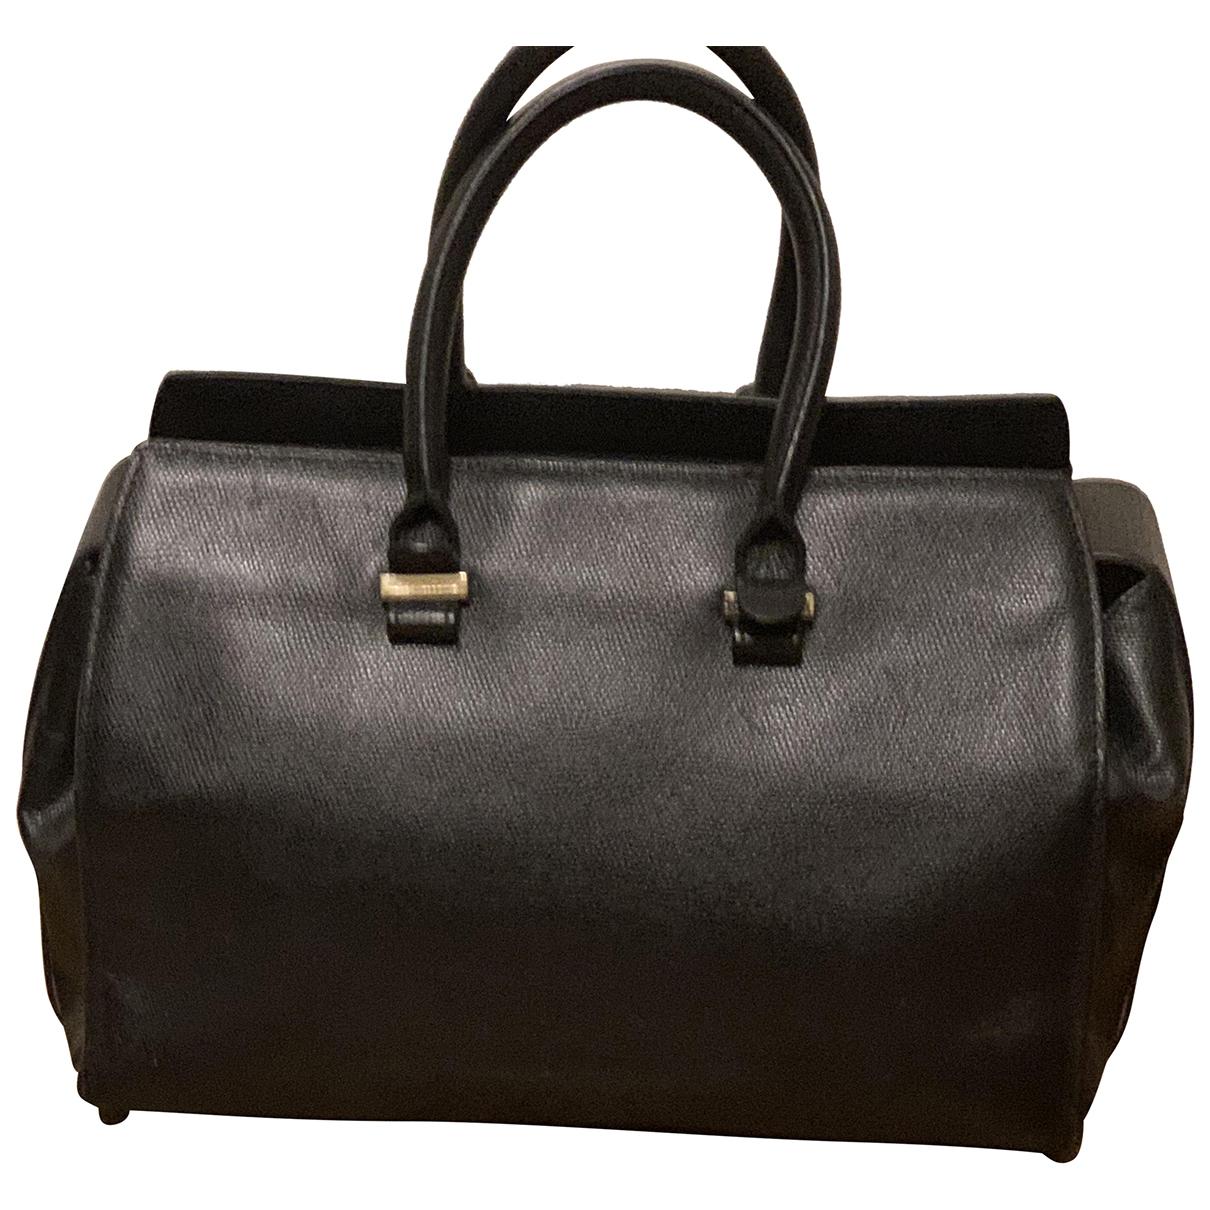 Victoria Beckham Victoria Handtasche in  Schwarz Leder